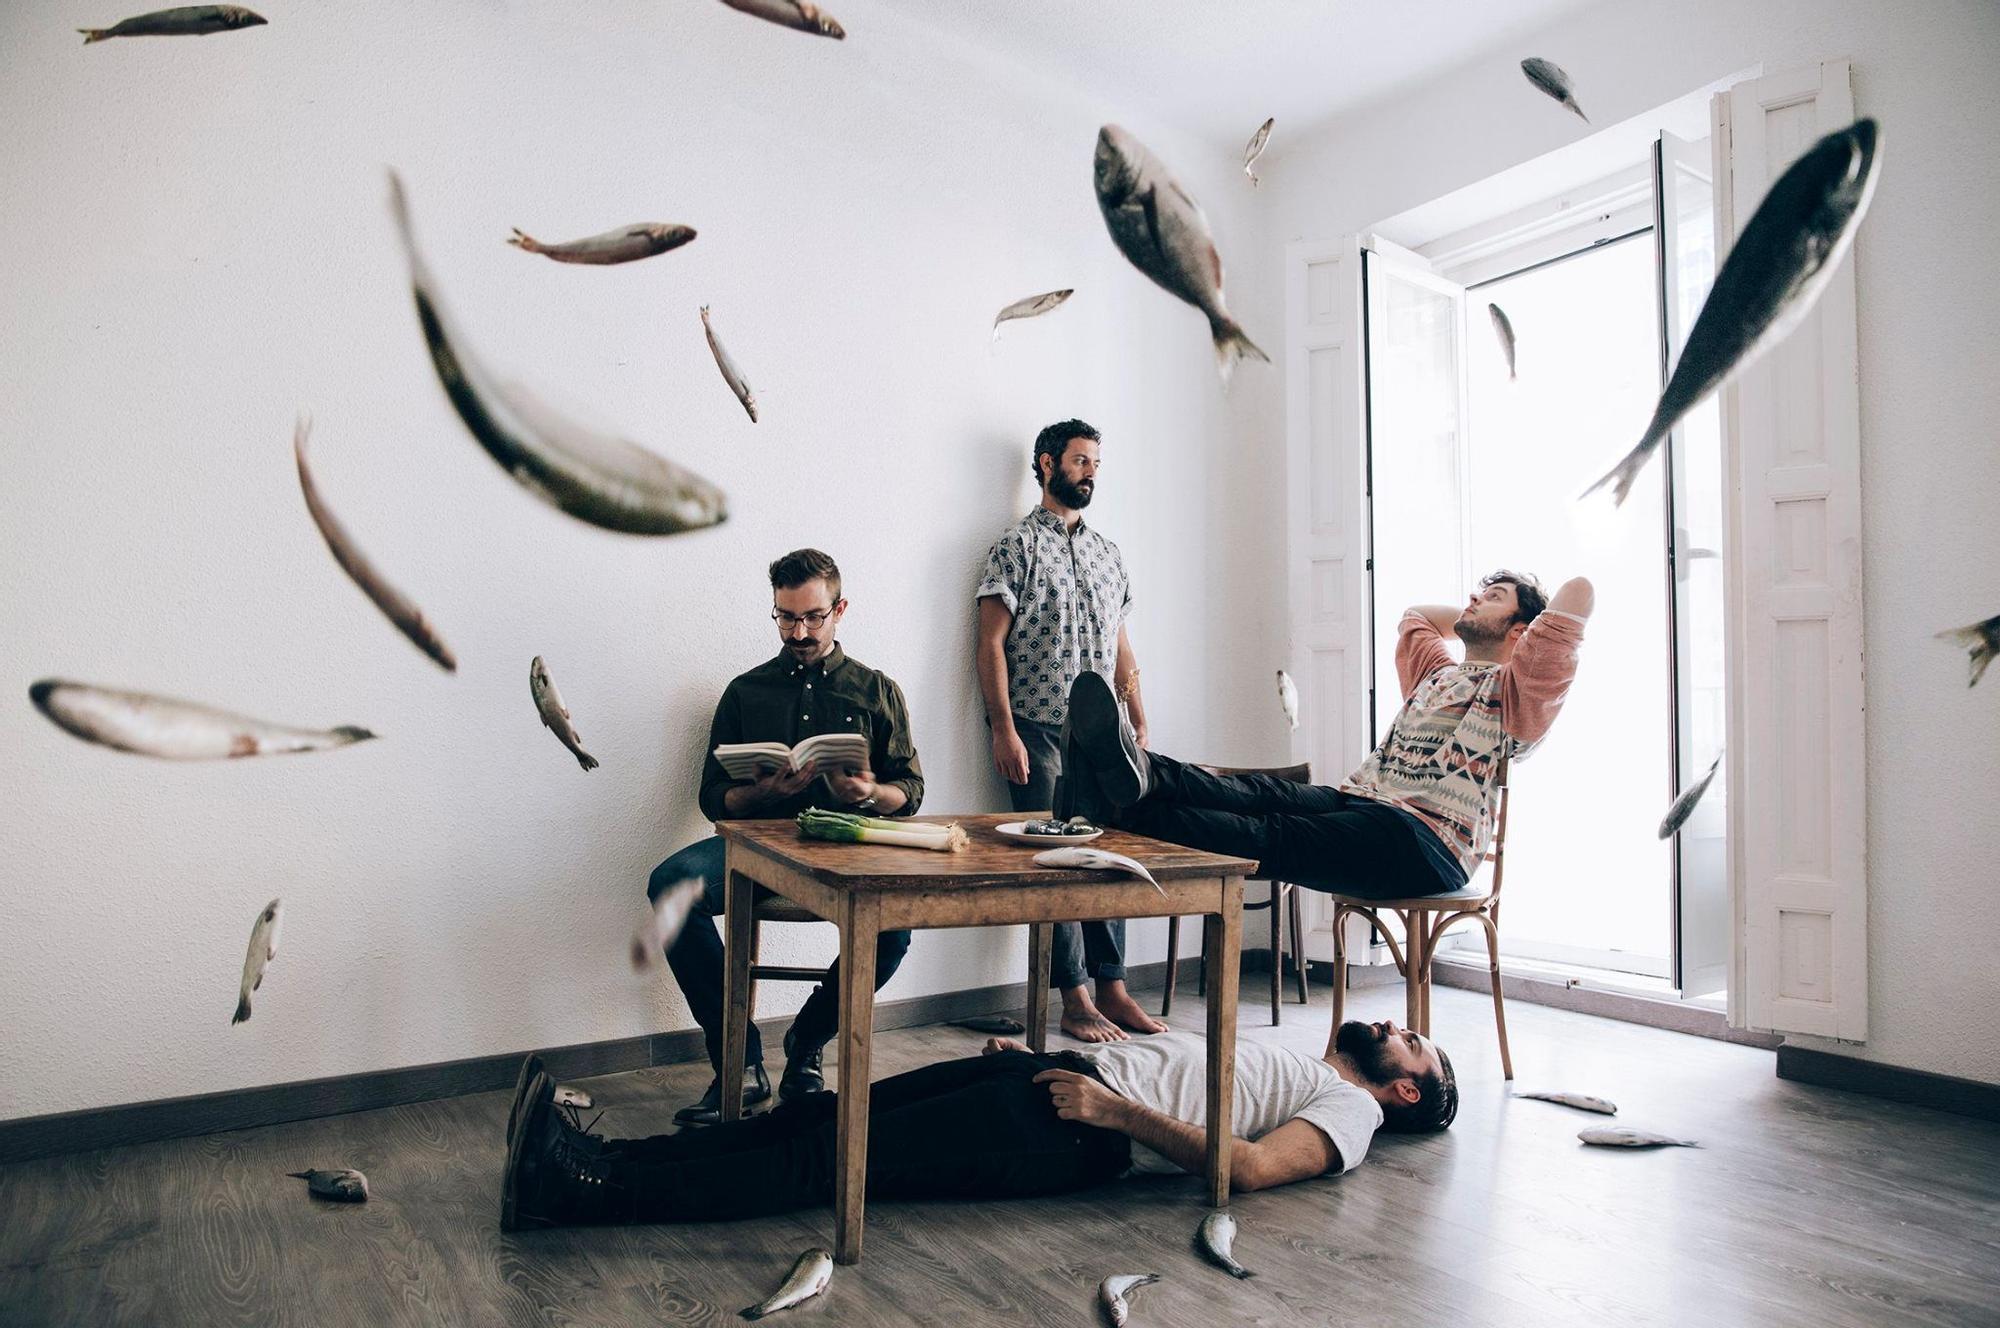 Being Berber. De izquierda a derecha: Chris, Marco, Pablo y Gonzalo (tumbado)